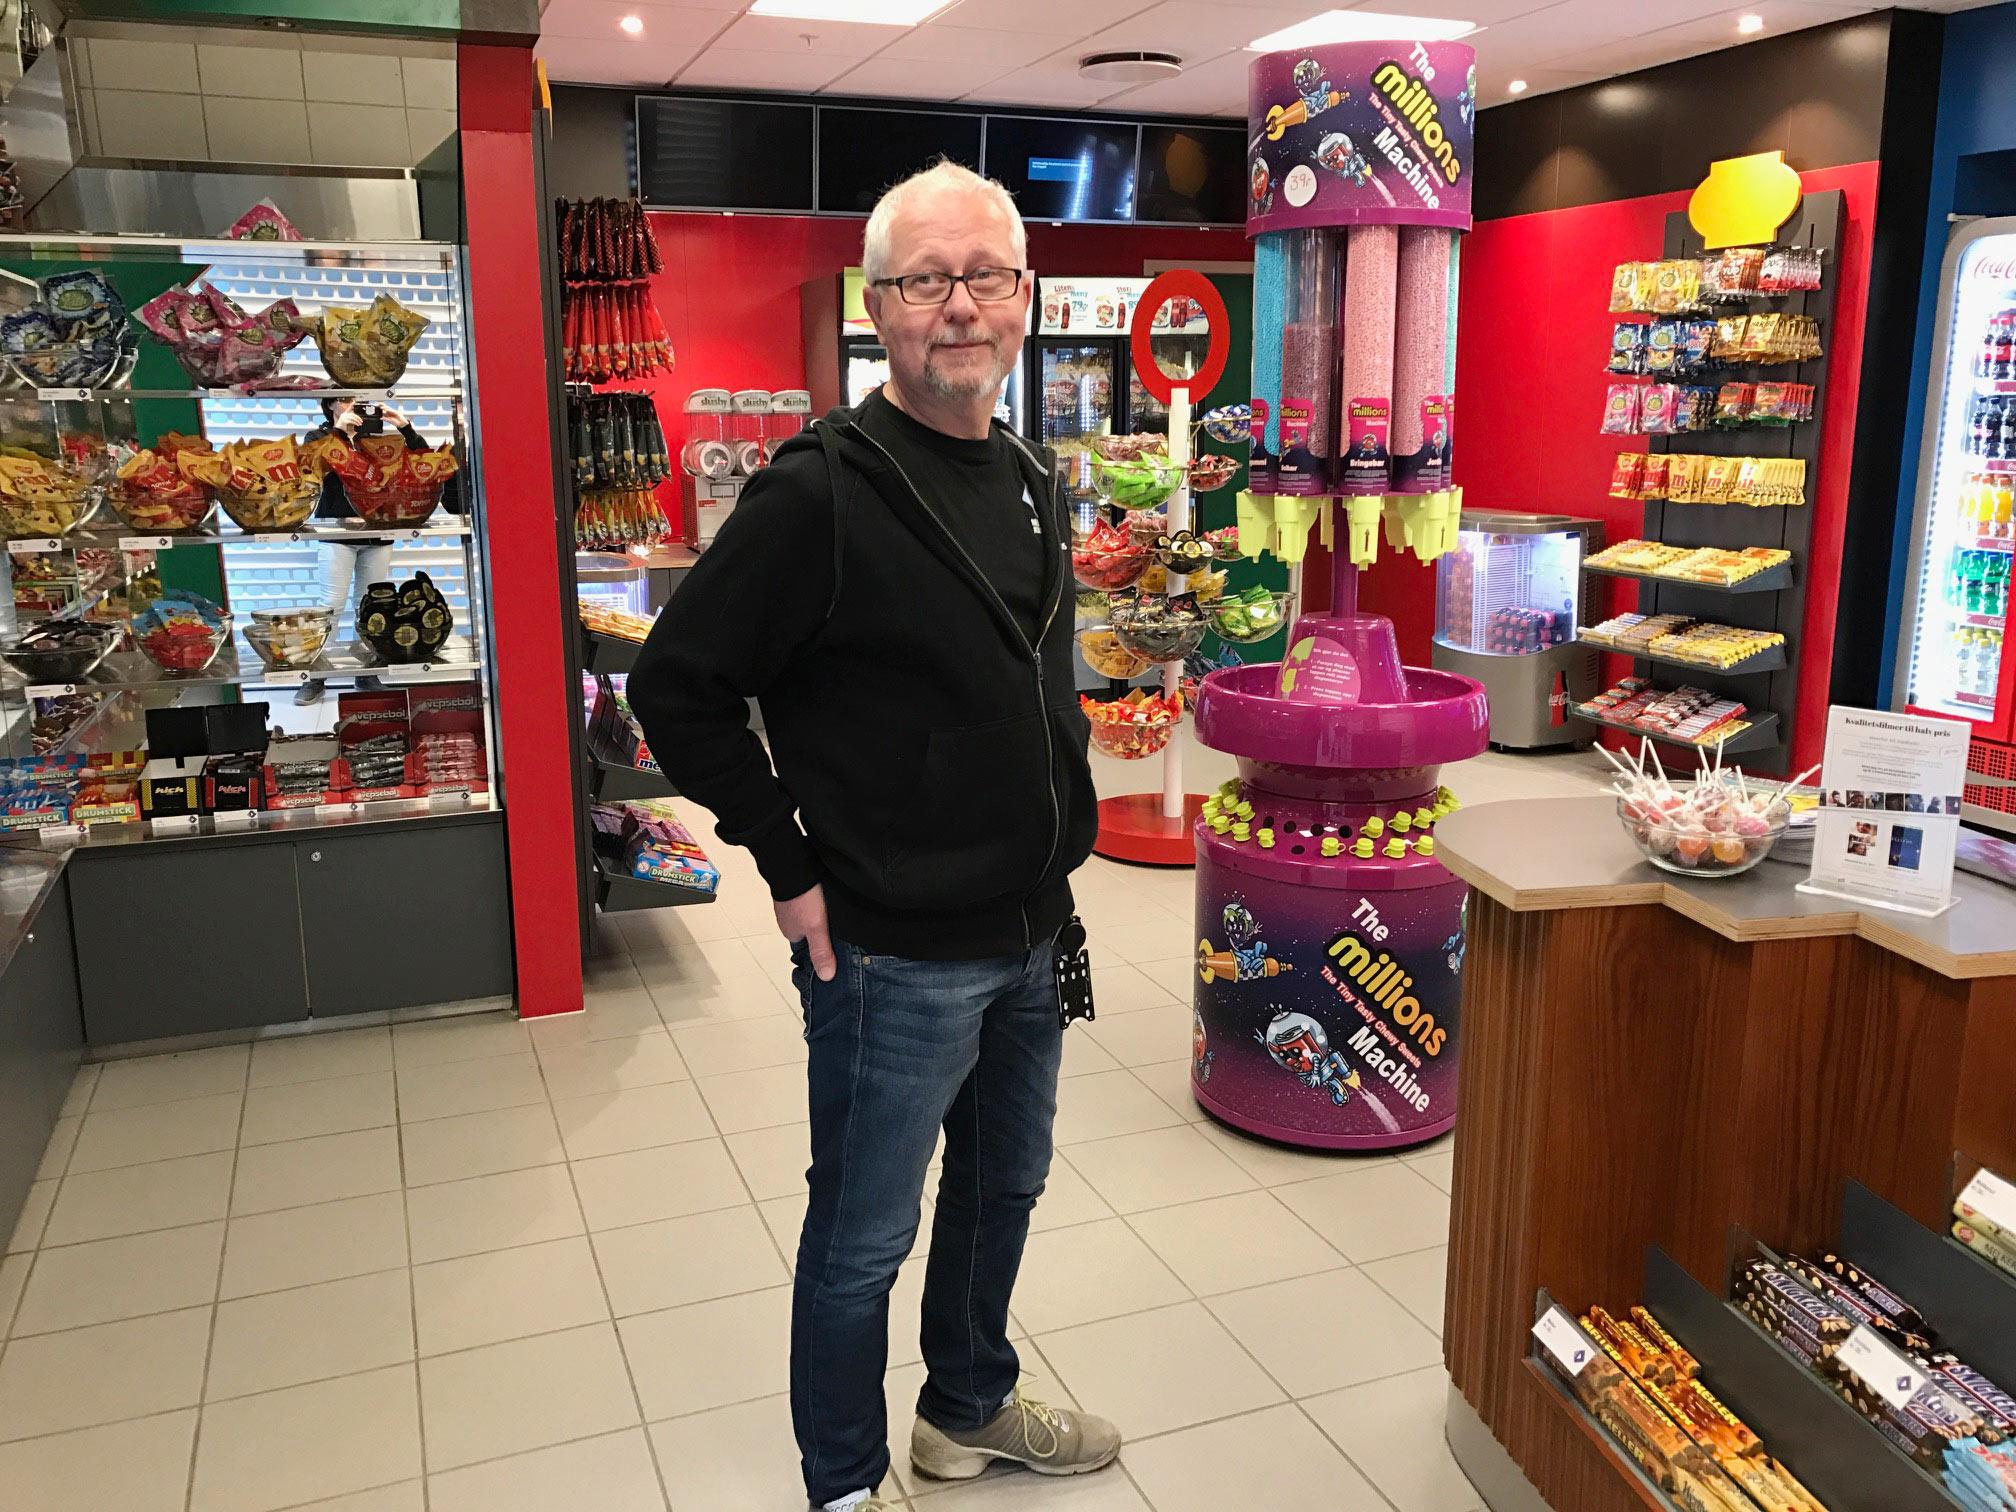 NY KIOSK: Kulturhusleder Jan Magne Hanstad ved Nes kulturhus og Årnes kino forteller at nykiosken sto klar rett før jul 2016. Foto: Nes kulturhus.